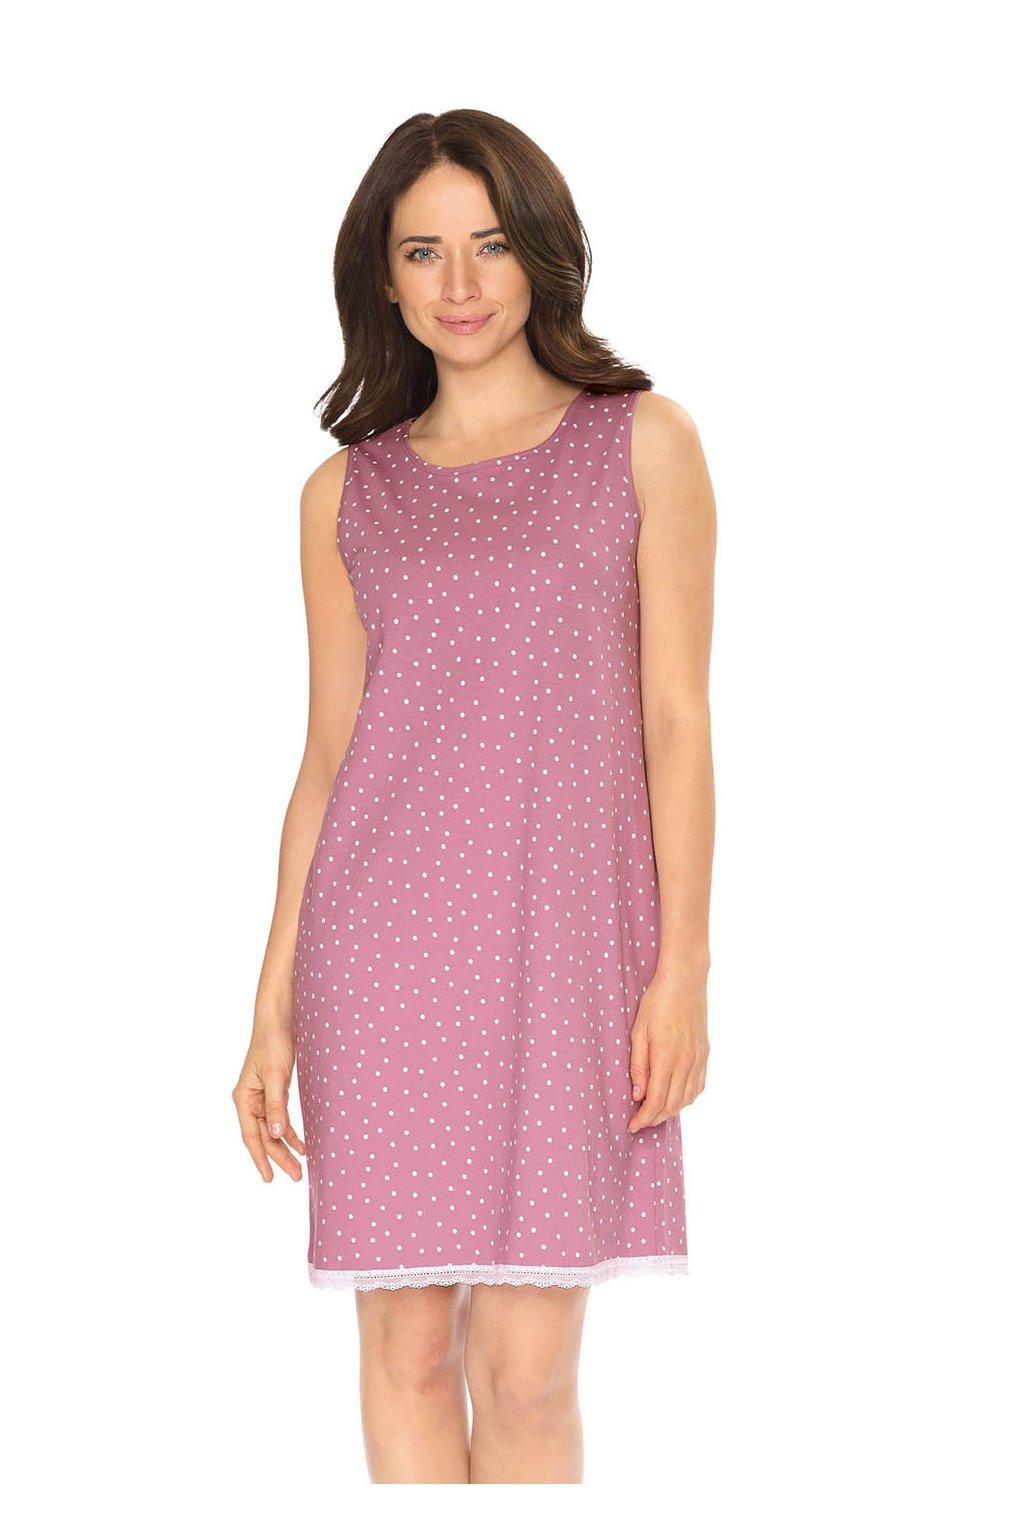 Dámská noční košile se širokými ramínky, 104522 465, fialová